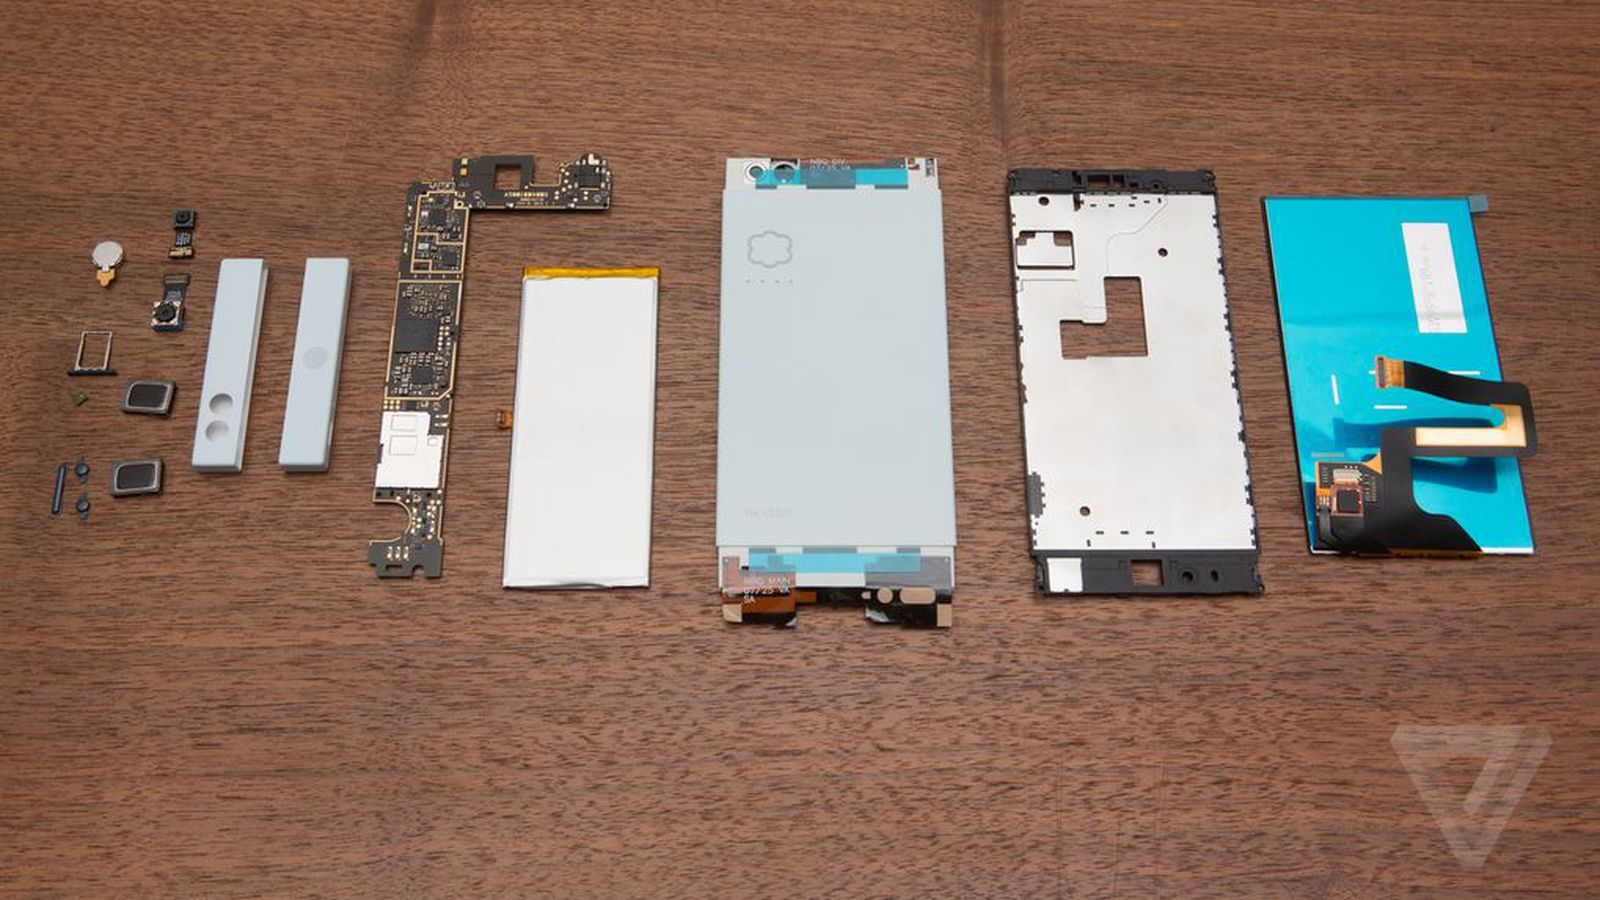 nextbit-robin-phone-2298.0.0.0.jpg (1600×900)